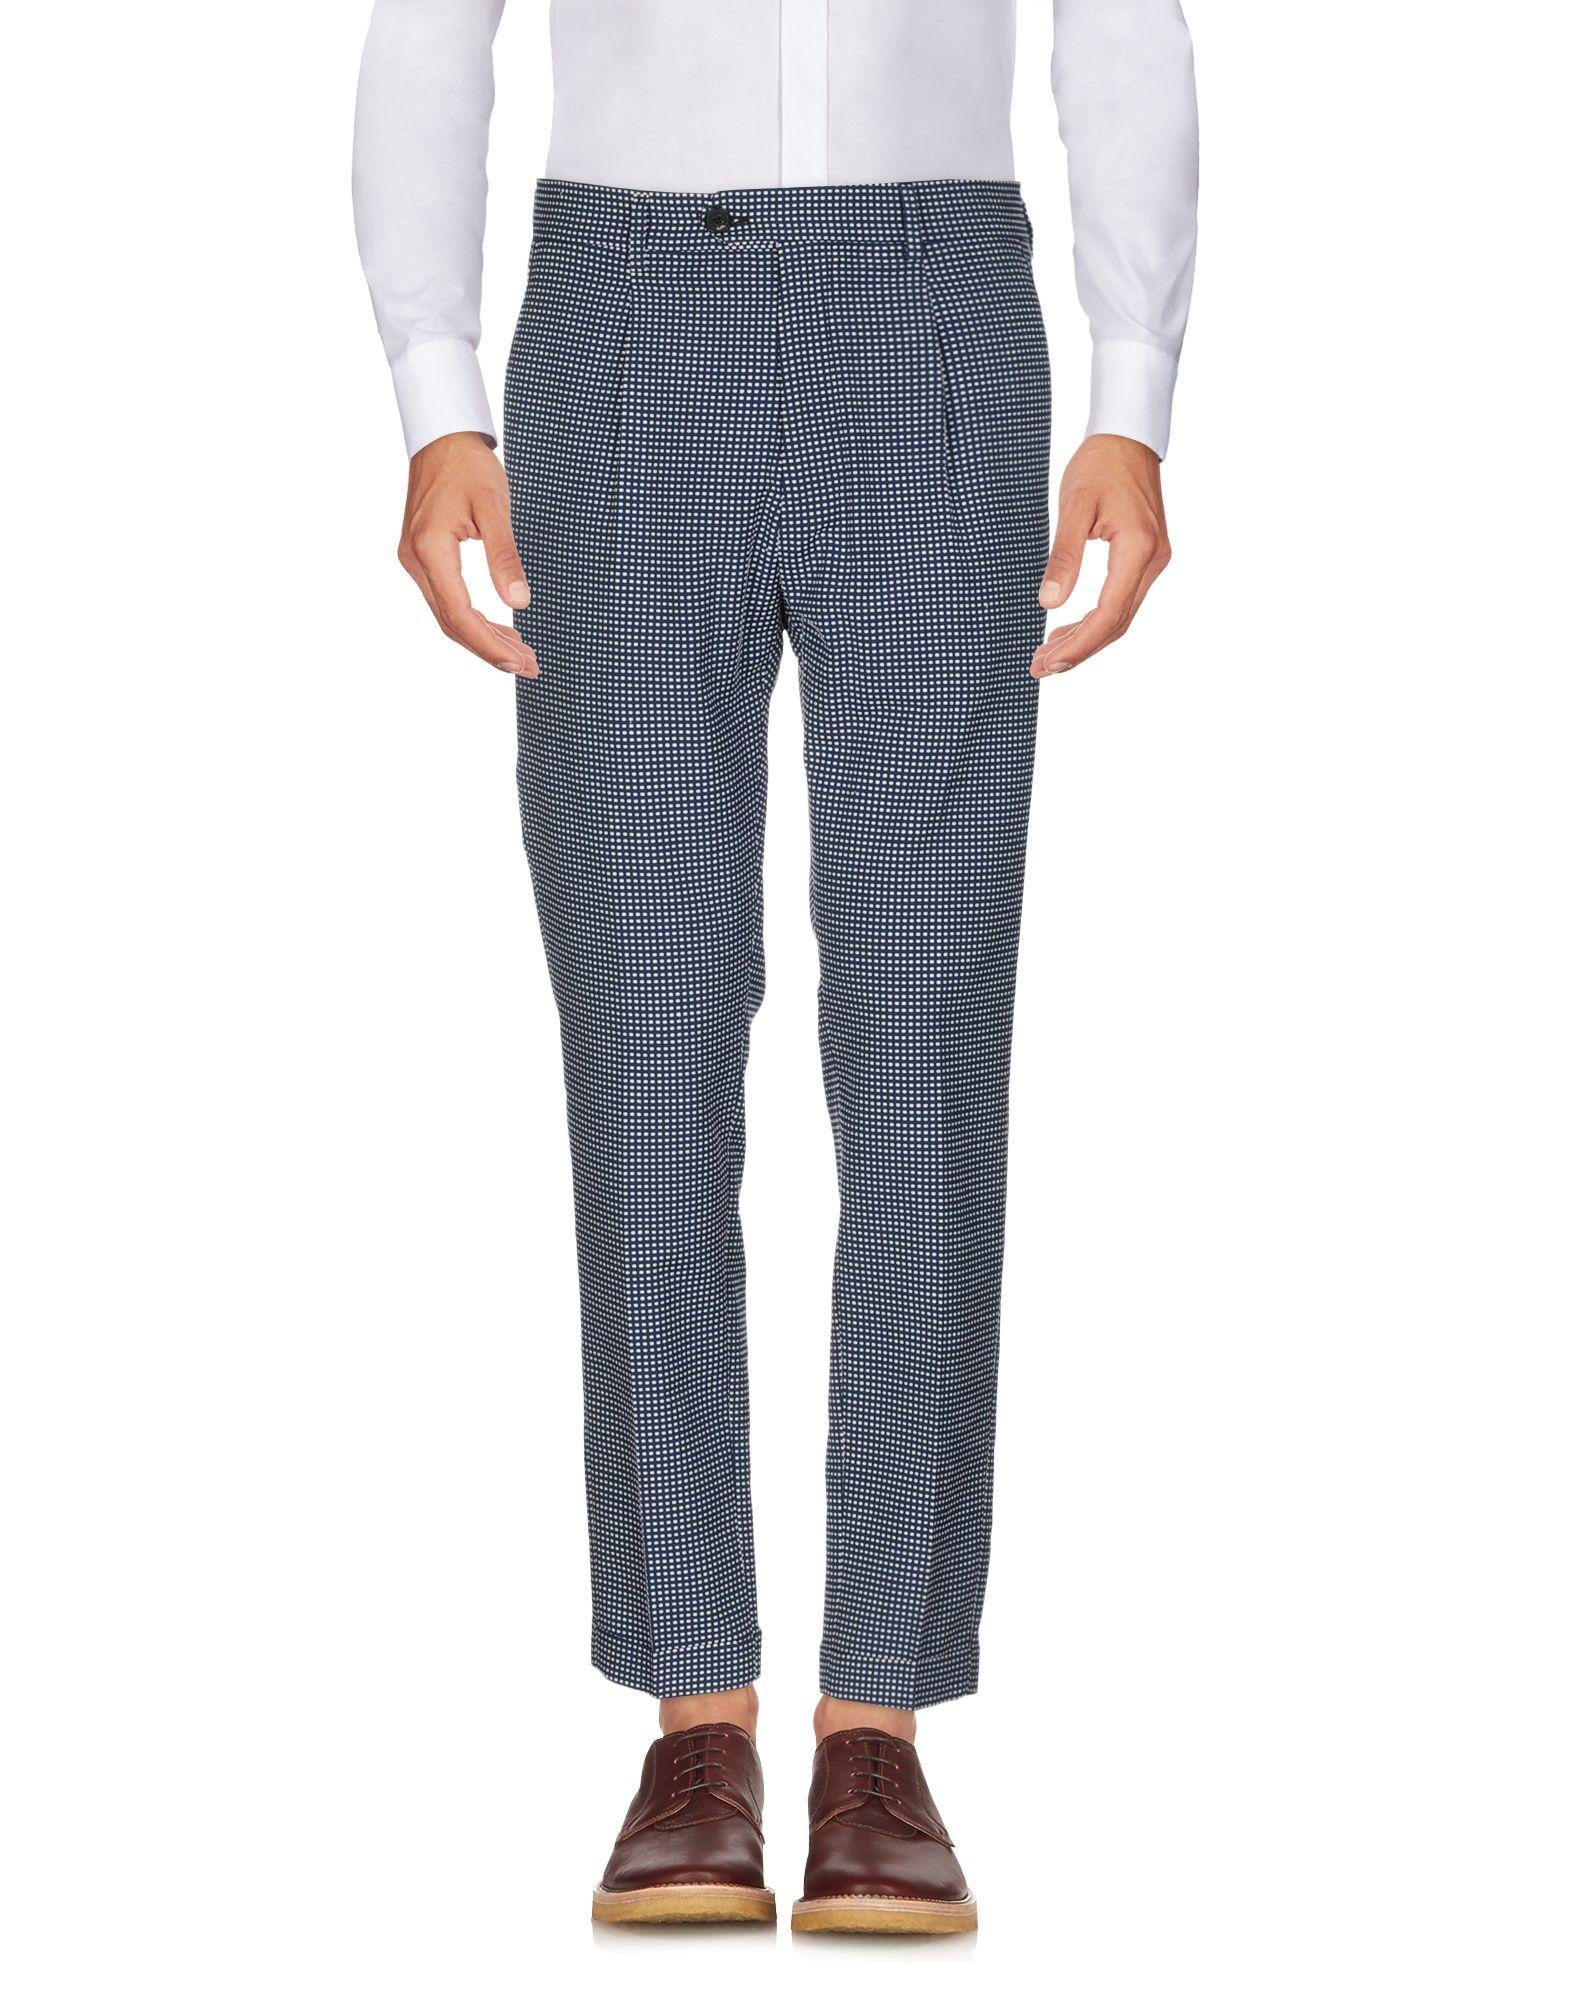 Pantalone Be Able Uomo - Acquista online su